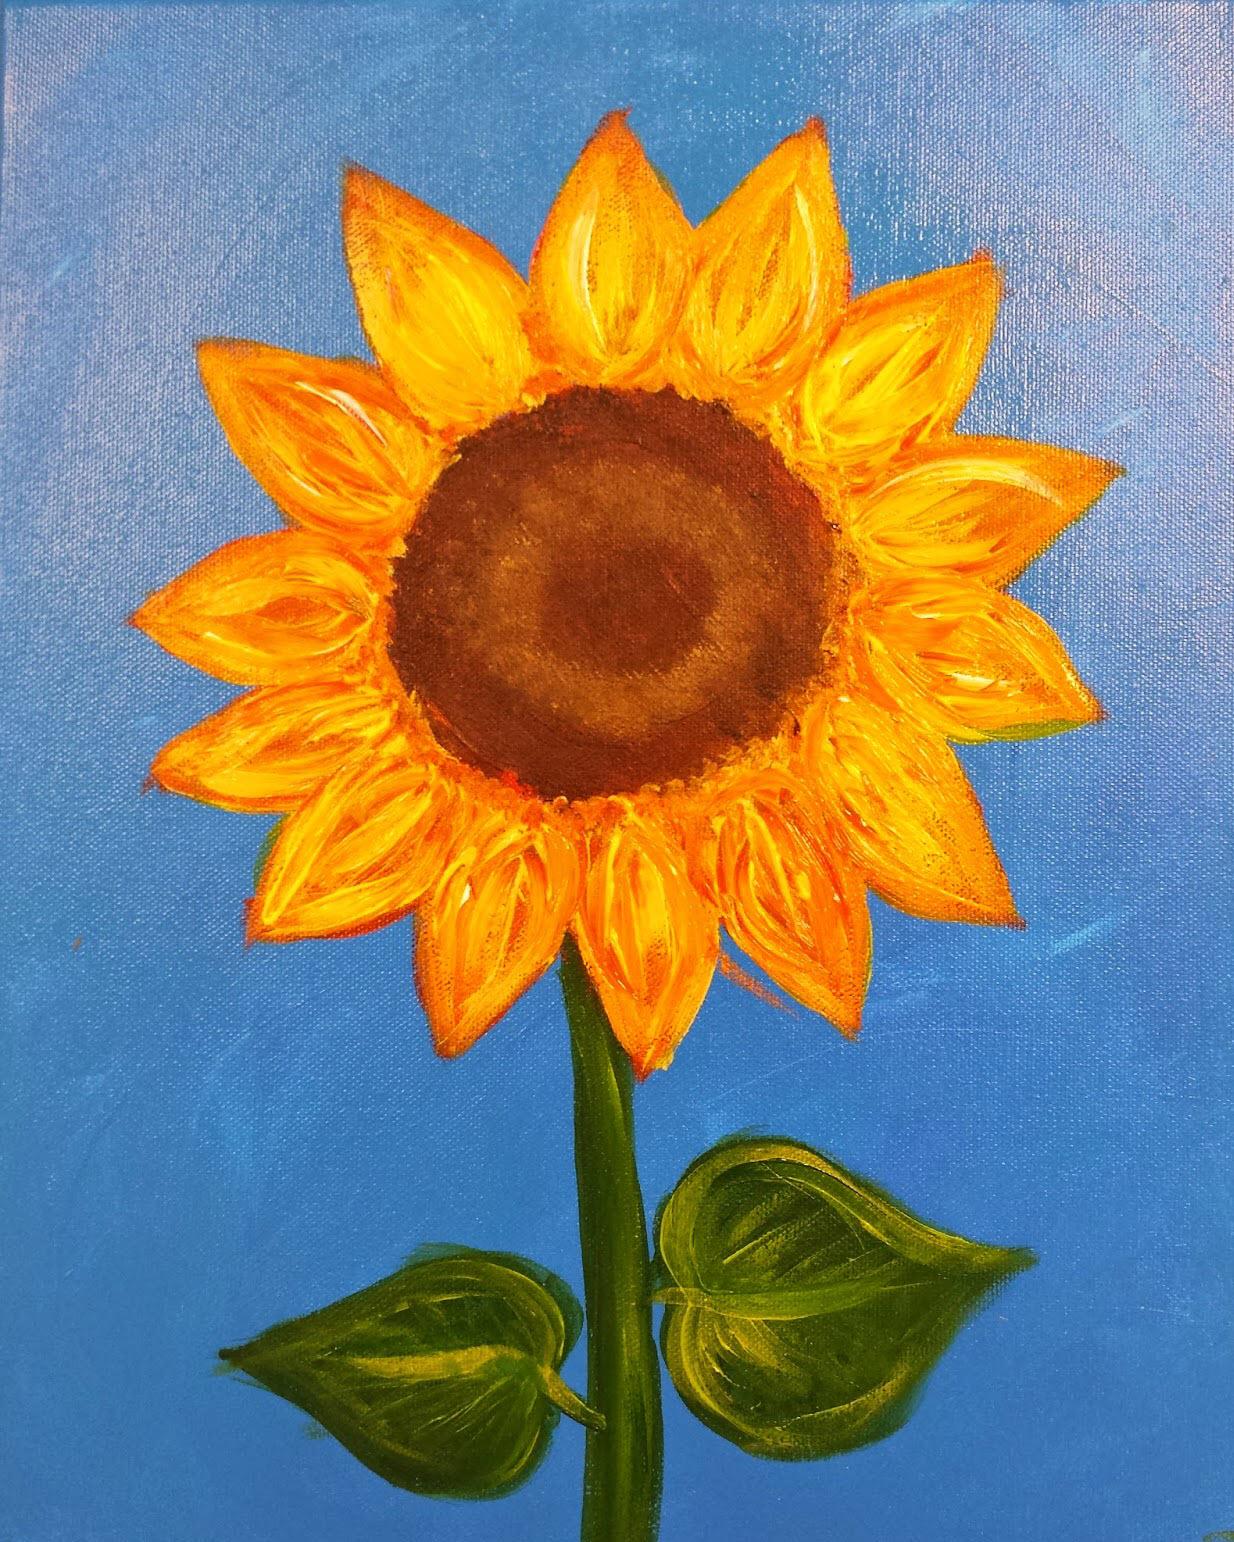 Tranh vẽ bông Hoa Hướng Dương đơn giản đẹp